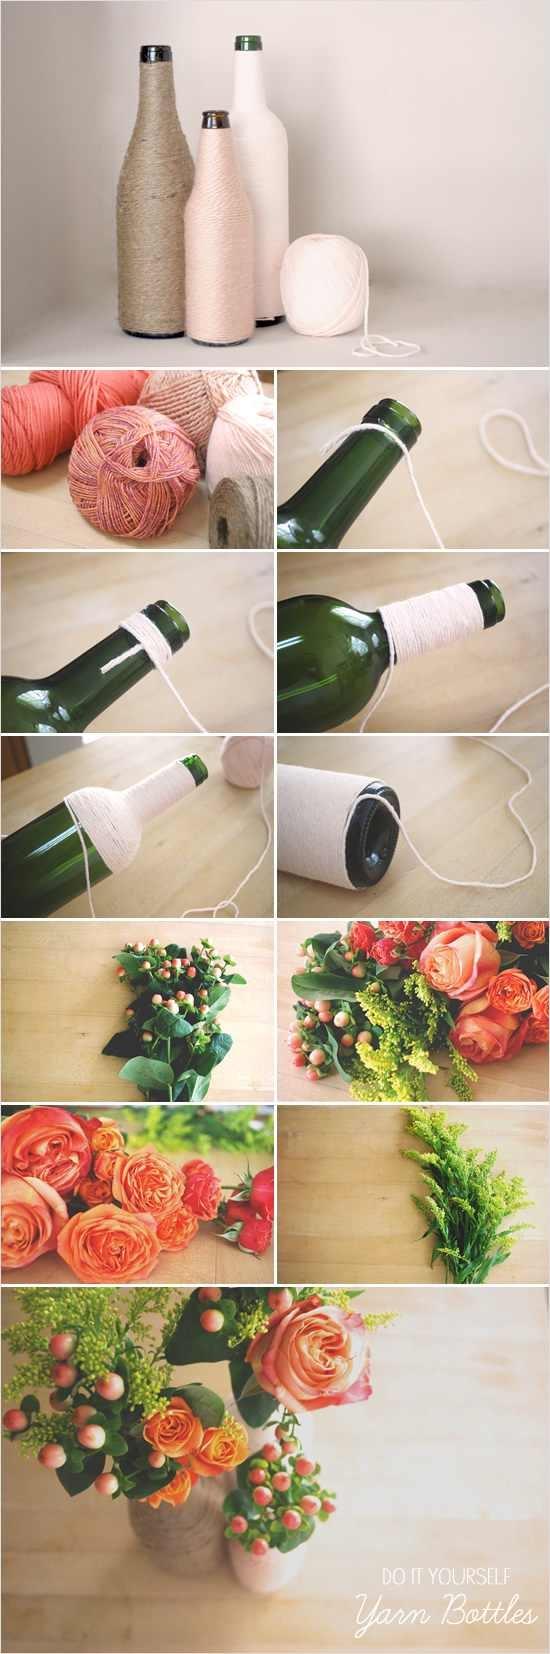 I love the bottles!